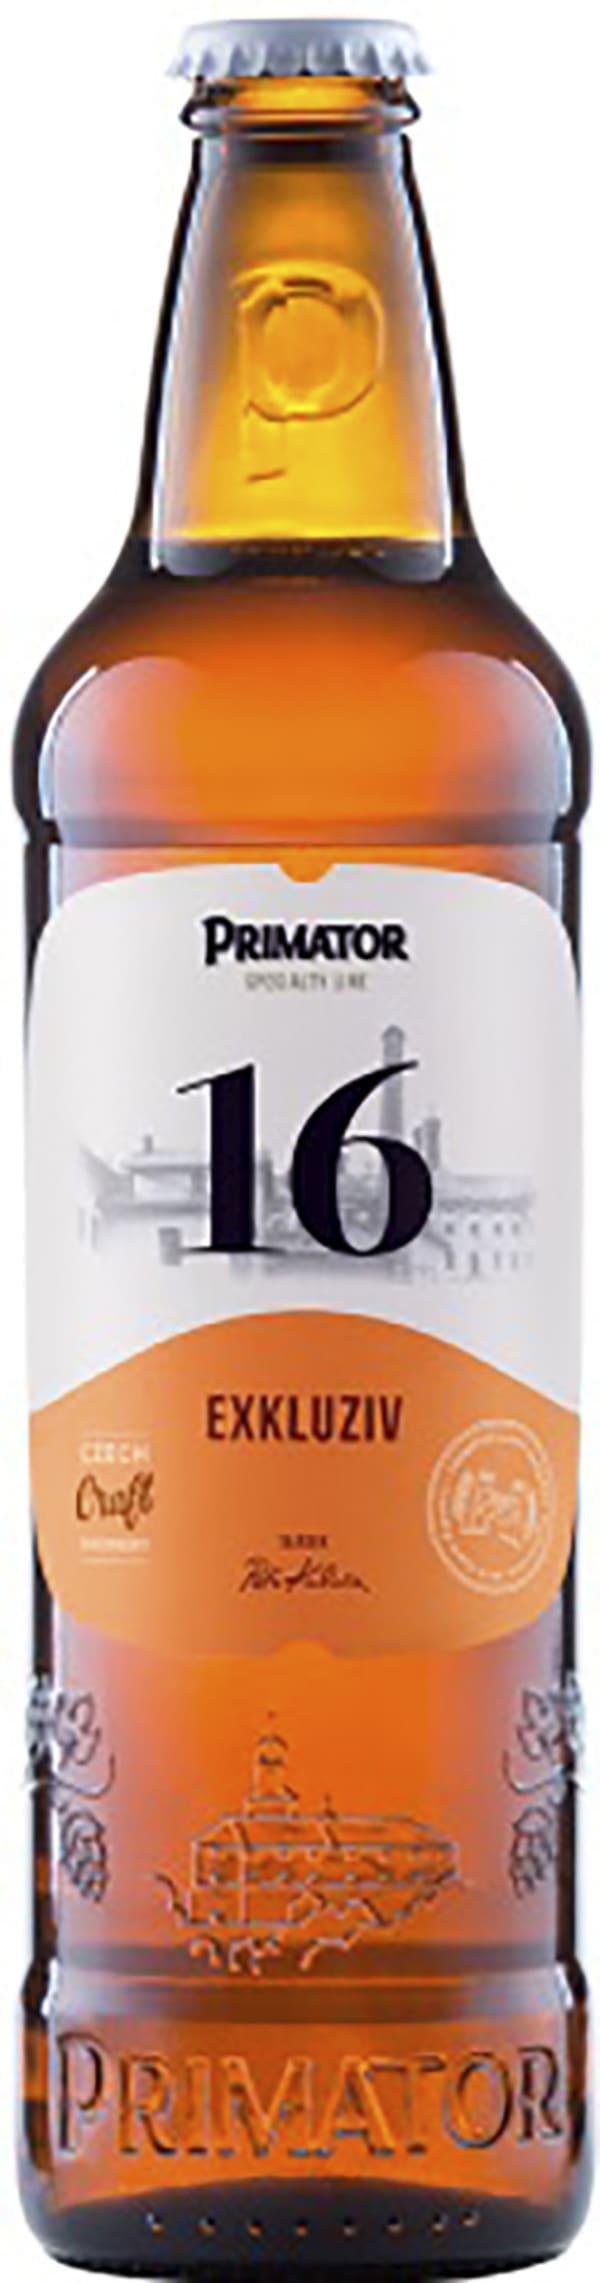 Primator Exkluziv